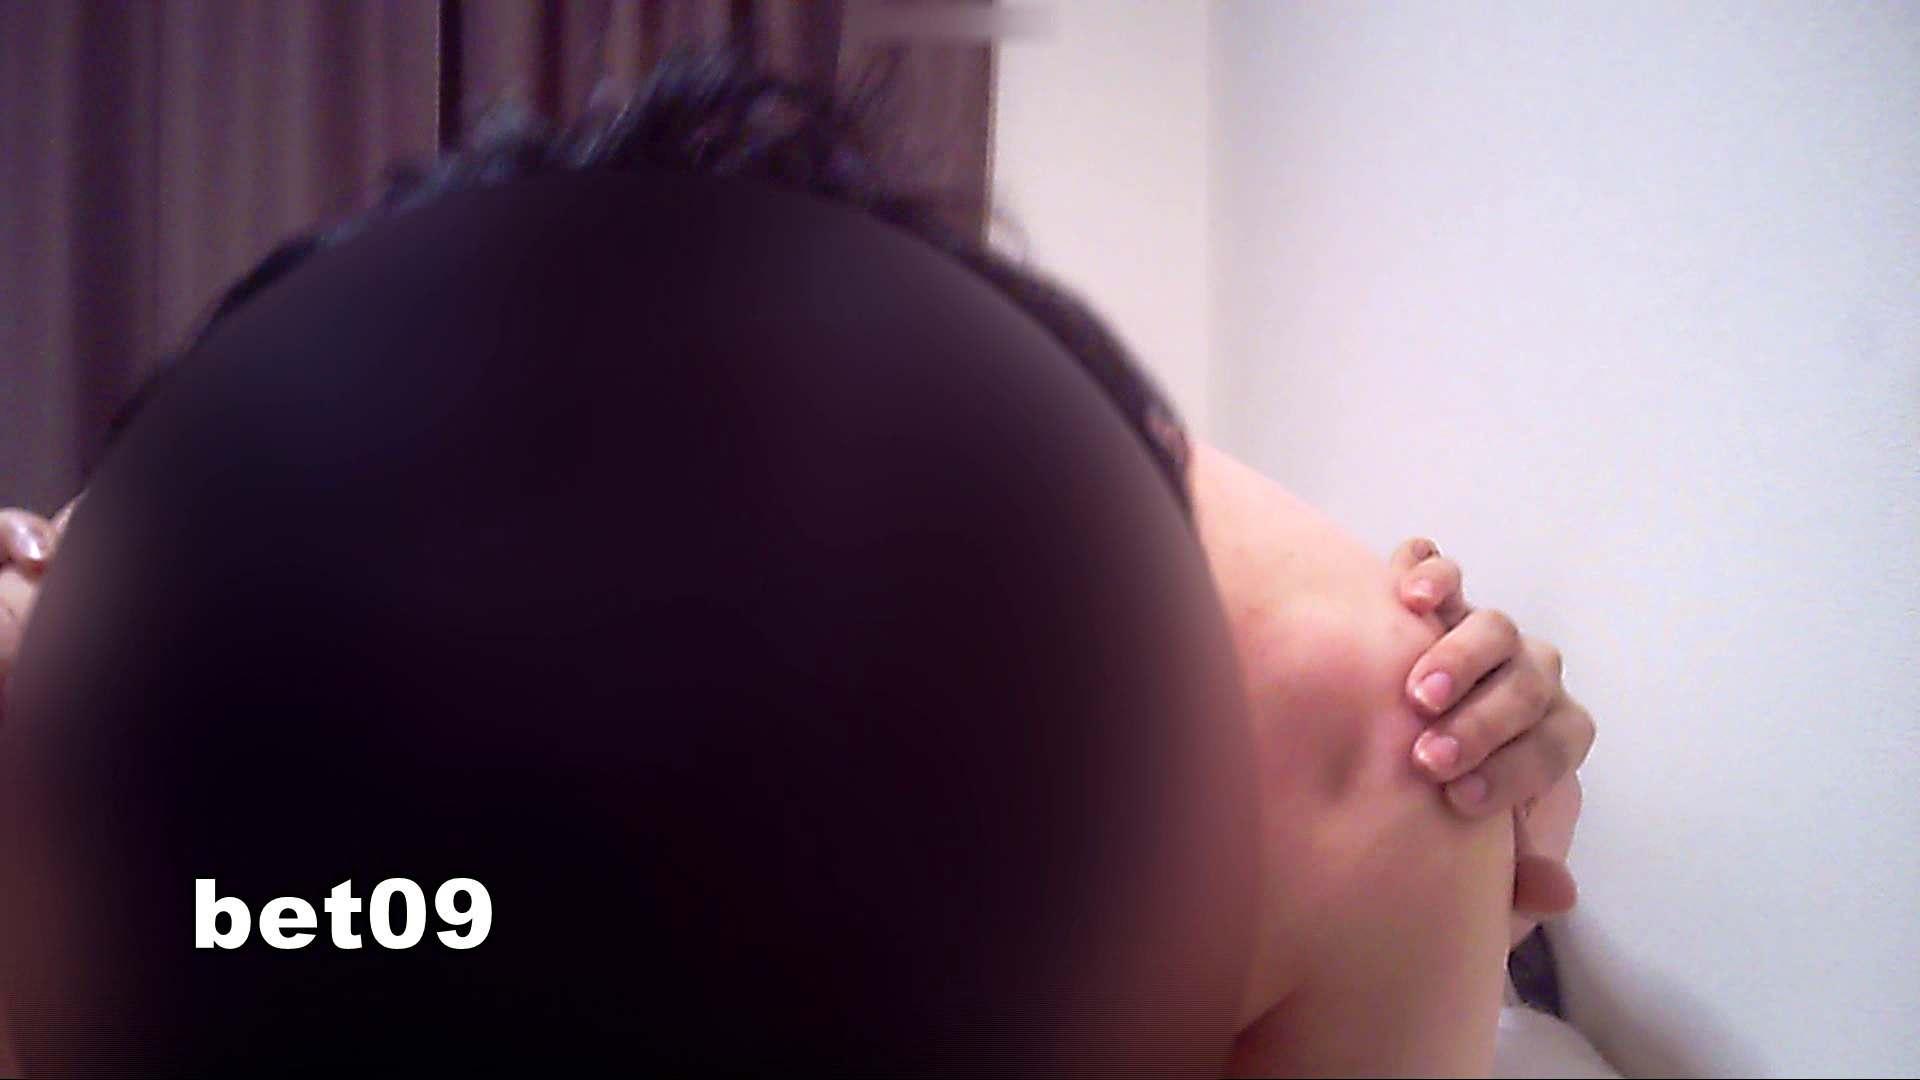 ミキ・大手旅行代理店勤務(24歳・仮名) vol.09 ミキの顔が紅潮してきます リベンジもの  86枚 27